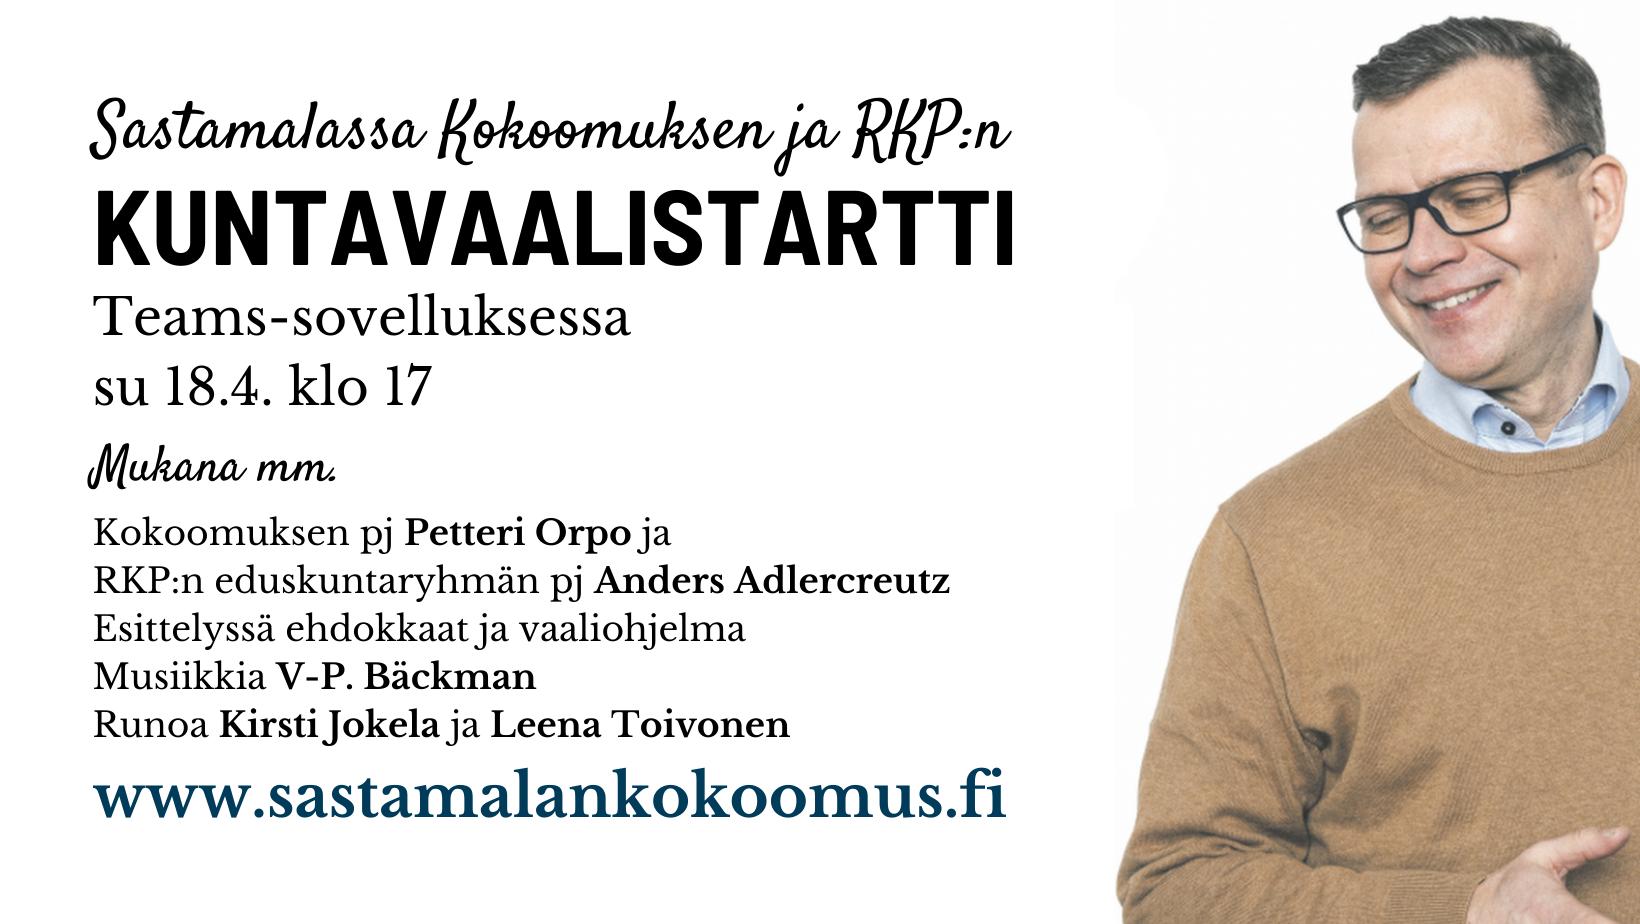 Mainos - Sastamalan Kokoomus ja RKP